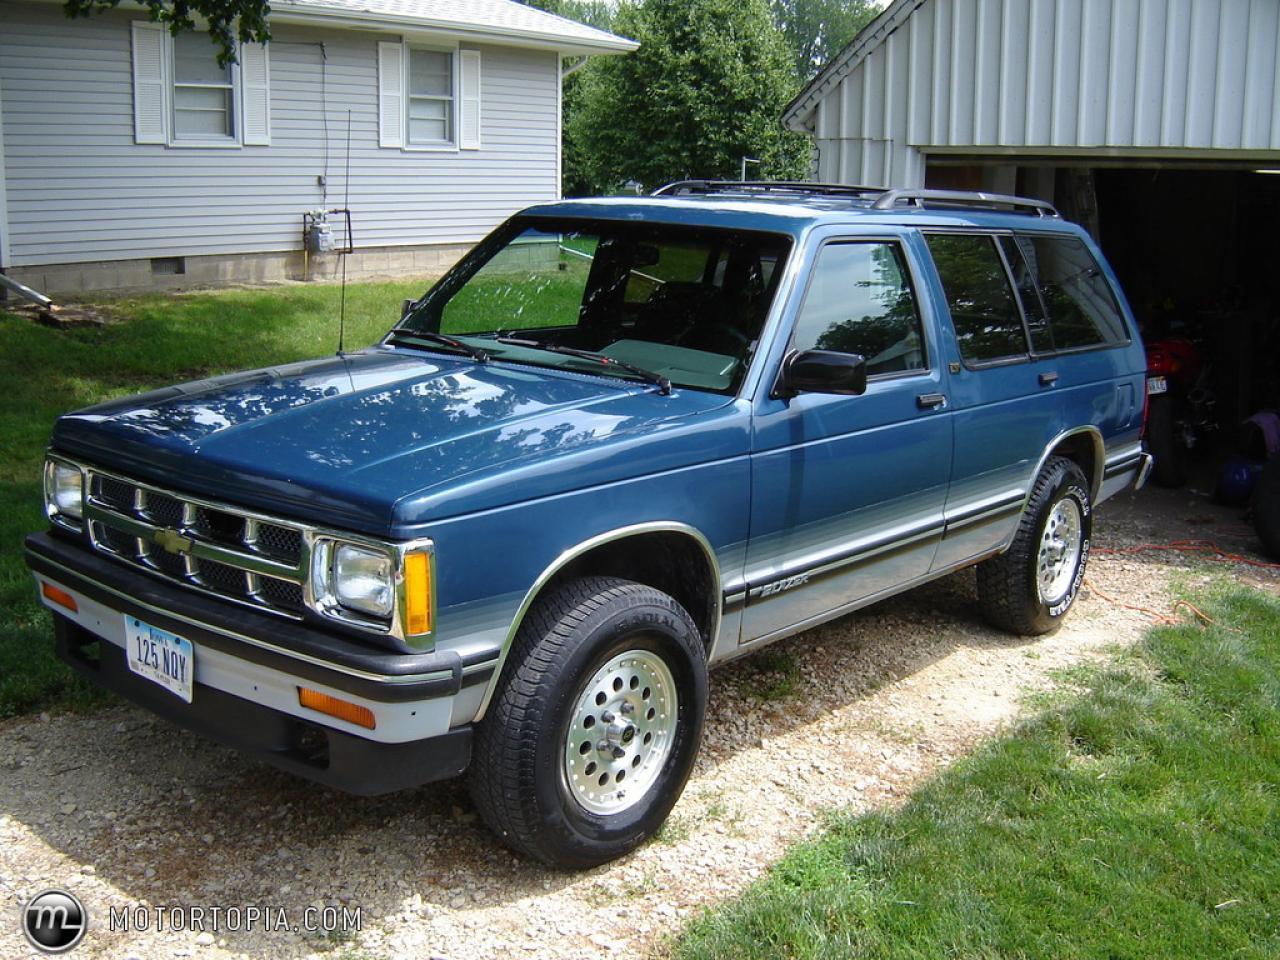 Chevrolet Blazer on 1994 Chevrolet Blazer 4x4